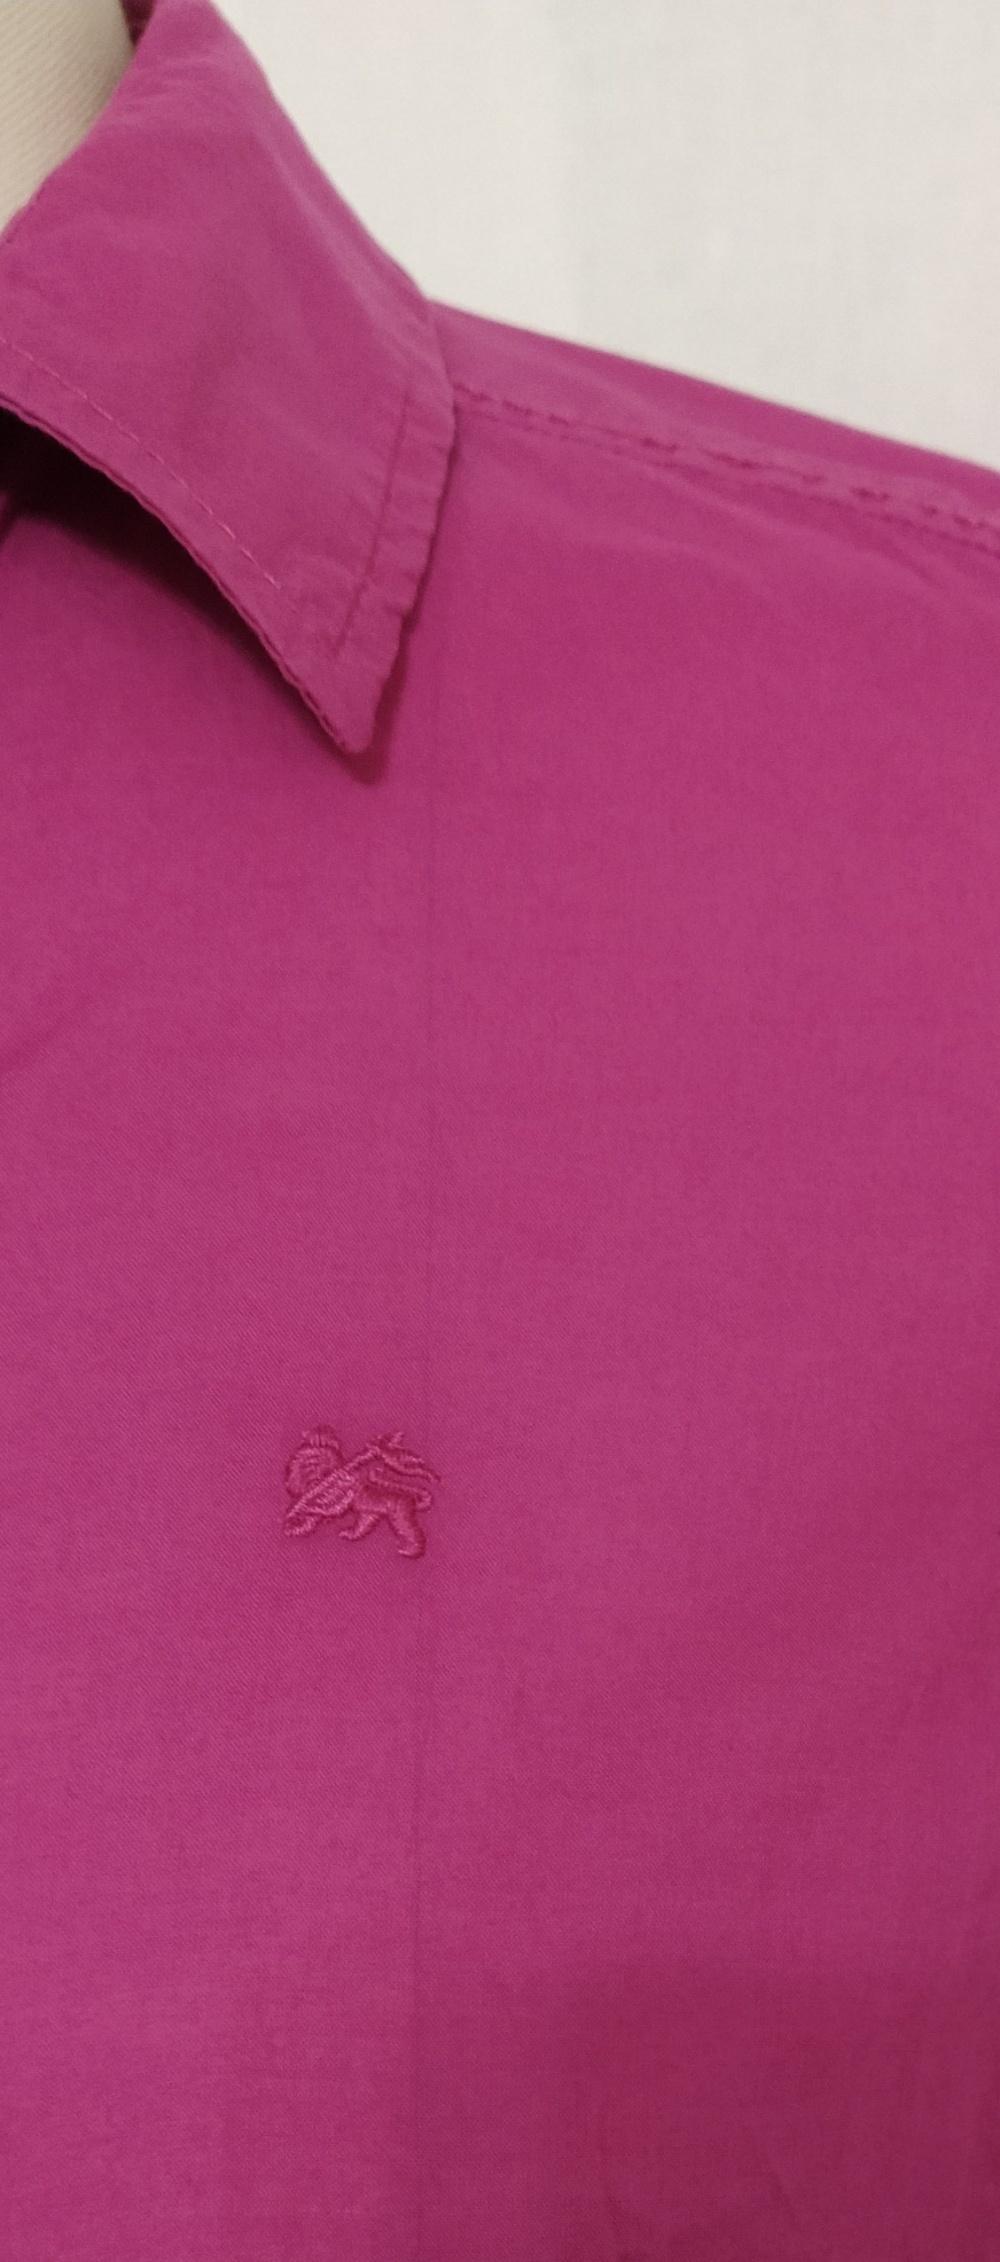 Рубашка Lerros, L